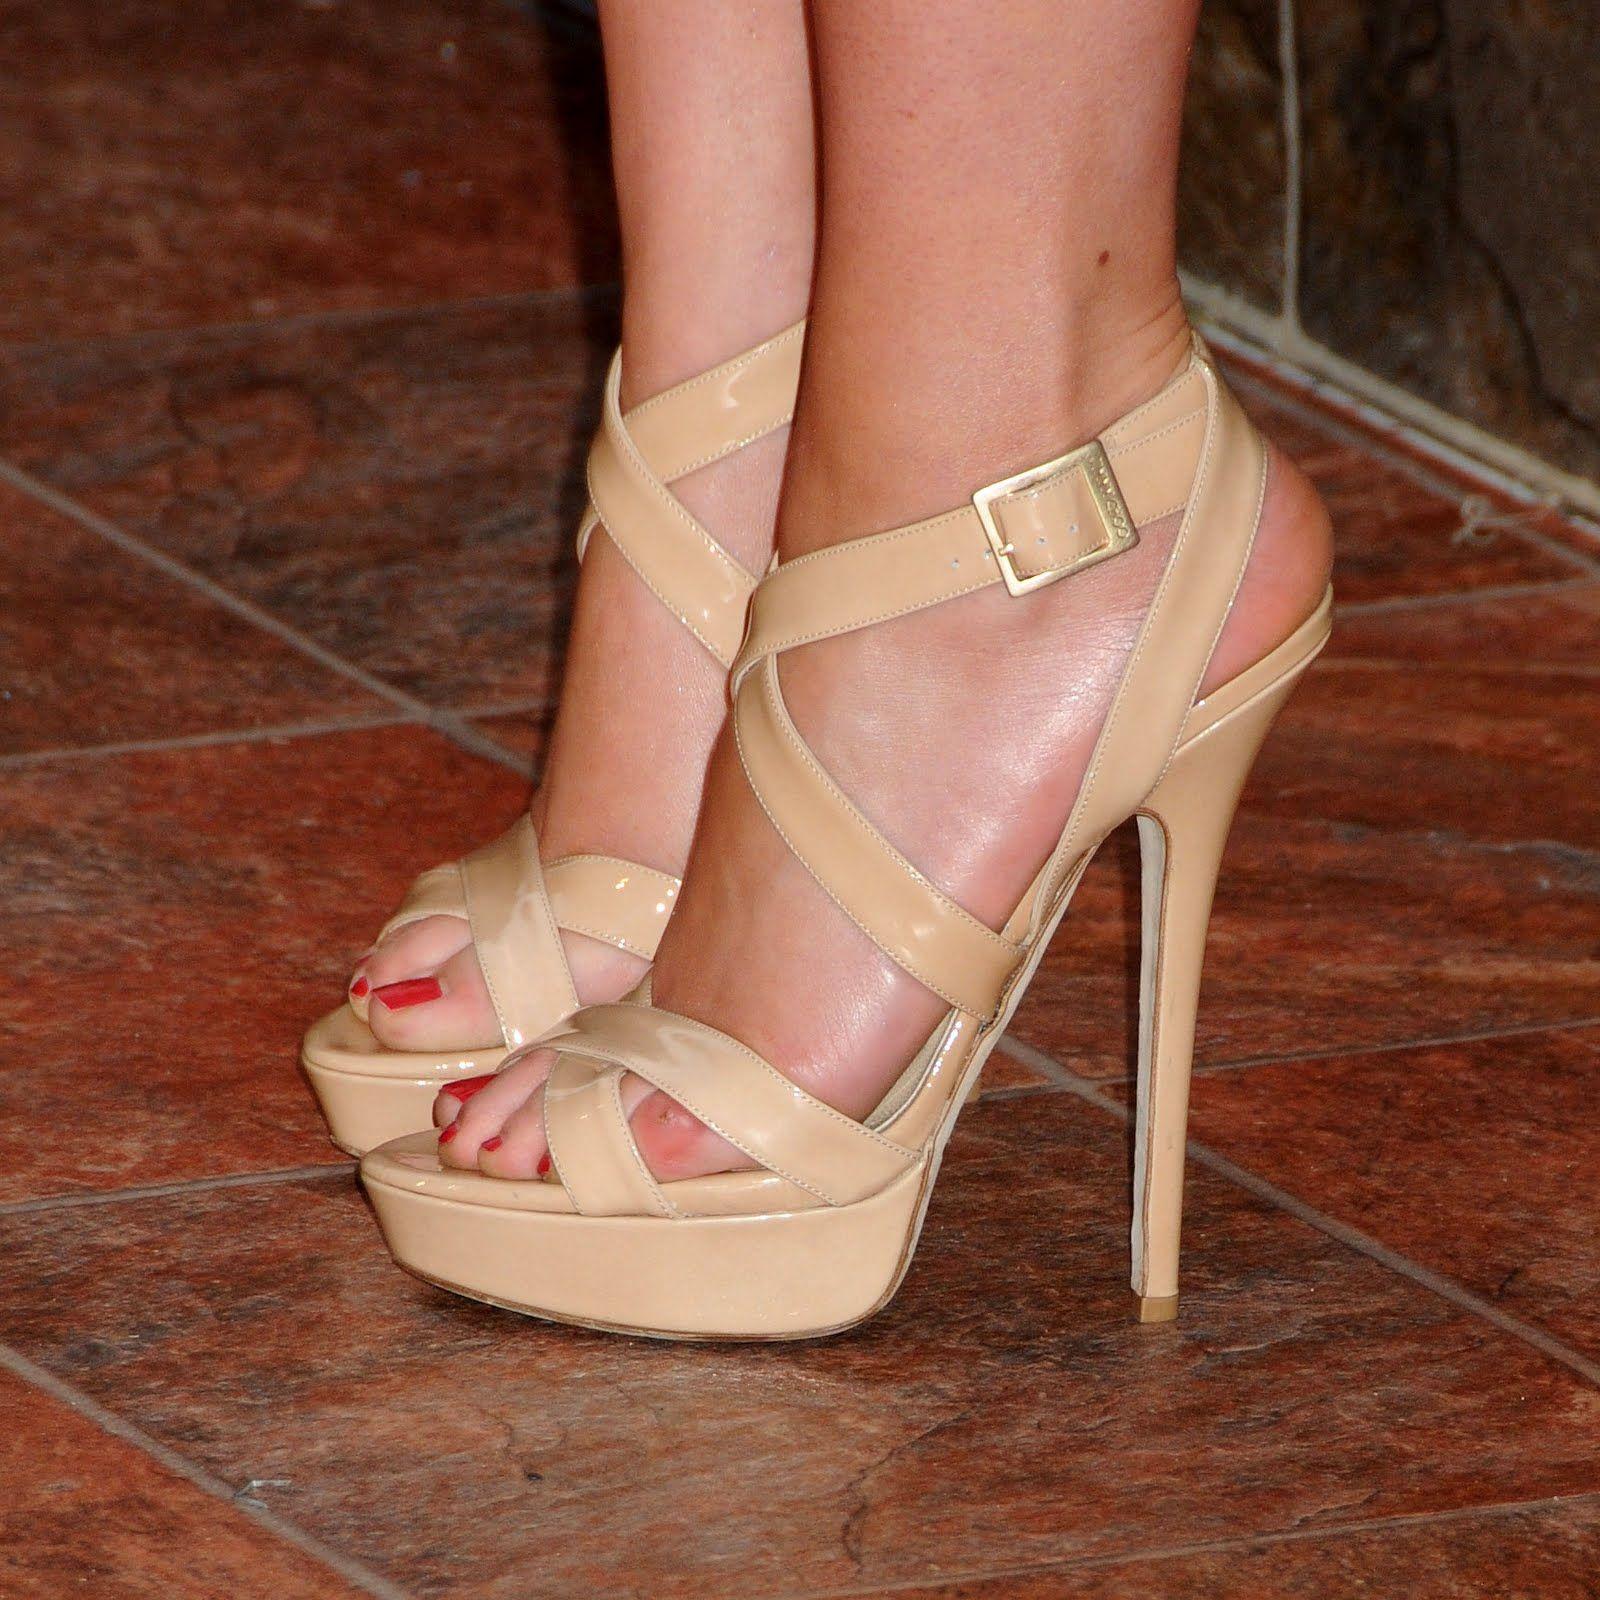 Hochhackige Schuhe · Sucht · Scarlett Johansson Feet | Celebrity Feet  Close-up: Scarlett Johansson Feet